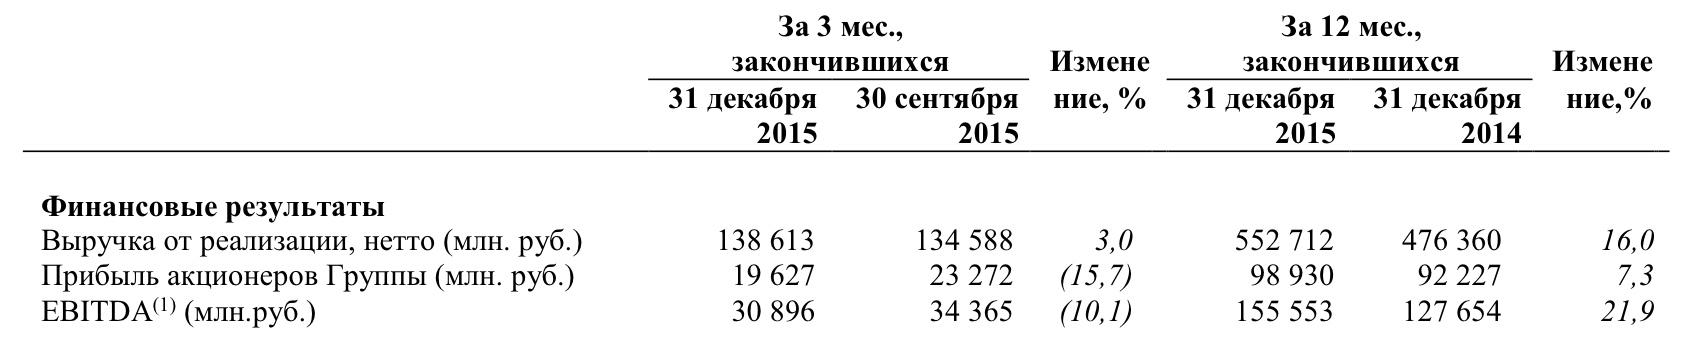 Результаты за 2015 год не сдвинули цели Татнефти